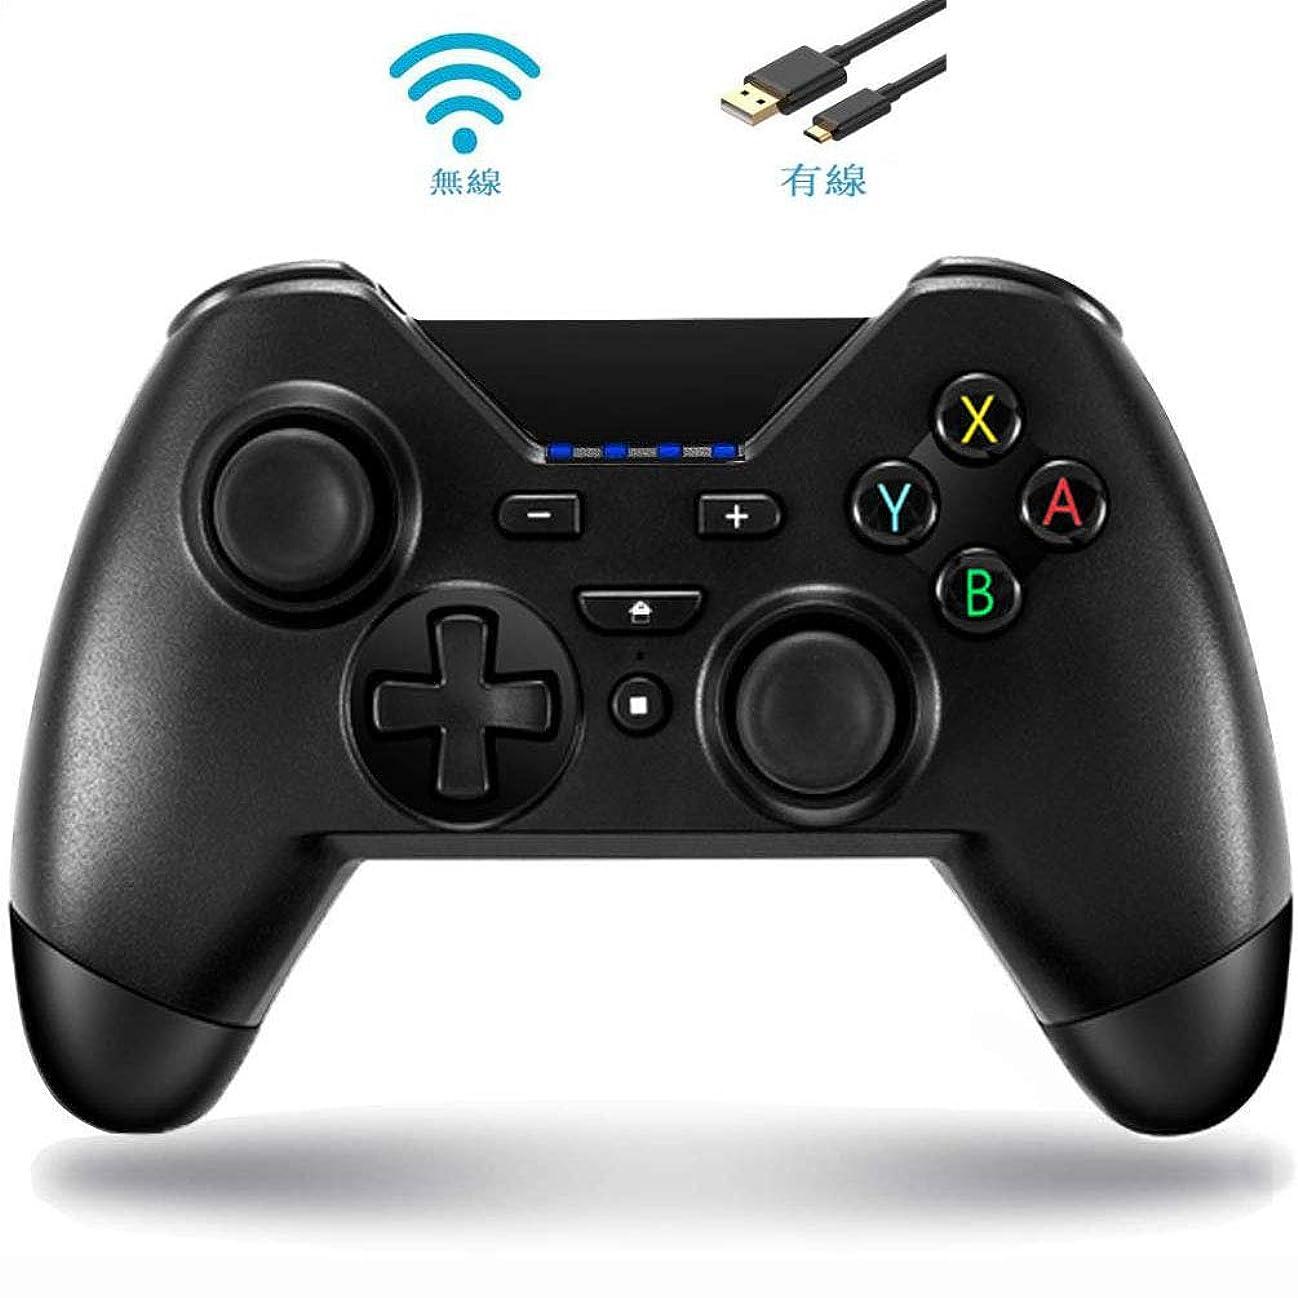 バング落ち着いて暗殺FONLAM PS4 PS3 コントローラー DUALSHOCK 4 有線コントローラー 2重振動機能搭載 PlayStation 4 ゲームパッド マット質感 PS4/PS3/PS4 Slim/PS4 Pro/PC 360 Windows 7/8/10 対応 RGBライトバー 砂のような感触 PS4ジョイスティックデュアル バイブレーションモーター ゲームコントローラー 安定性抜群 使用簡単 2m USBケーブル付き (黒)